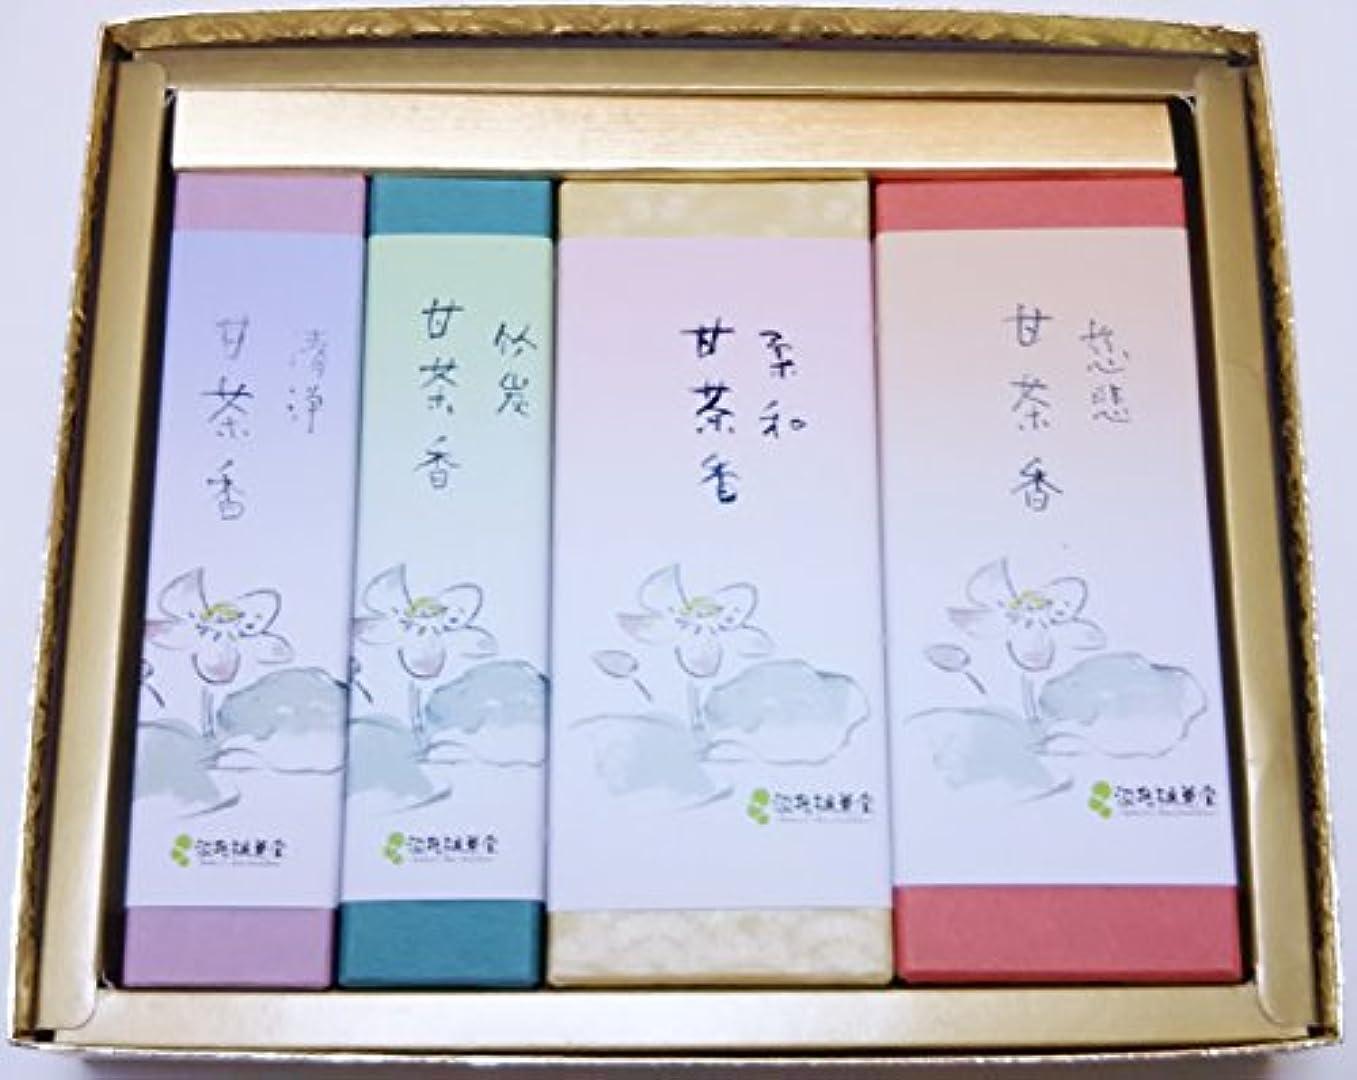 オーケストラ緩む爆弾淡路梅薫堂 の 淡路島 神仏お好み甘茶の贈答用お線香ギフトセット #k106